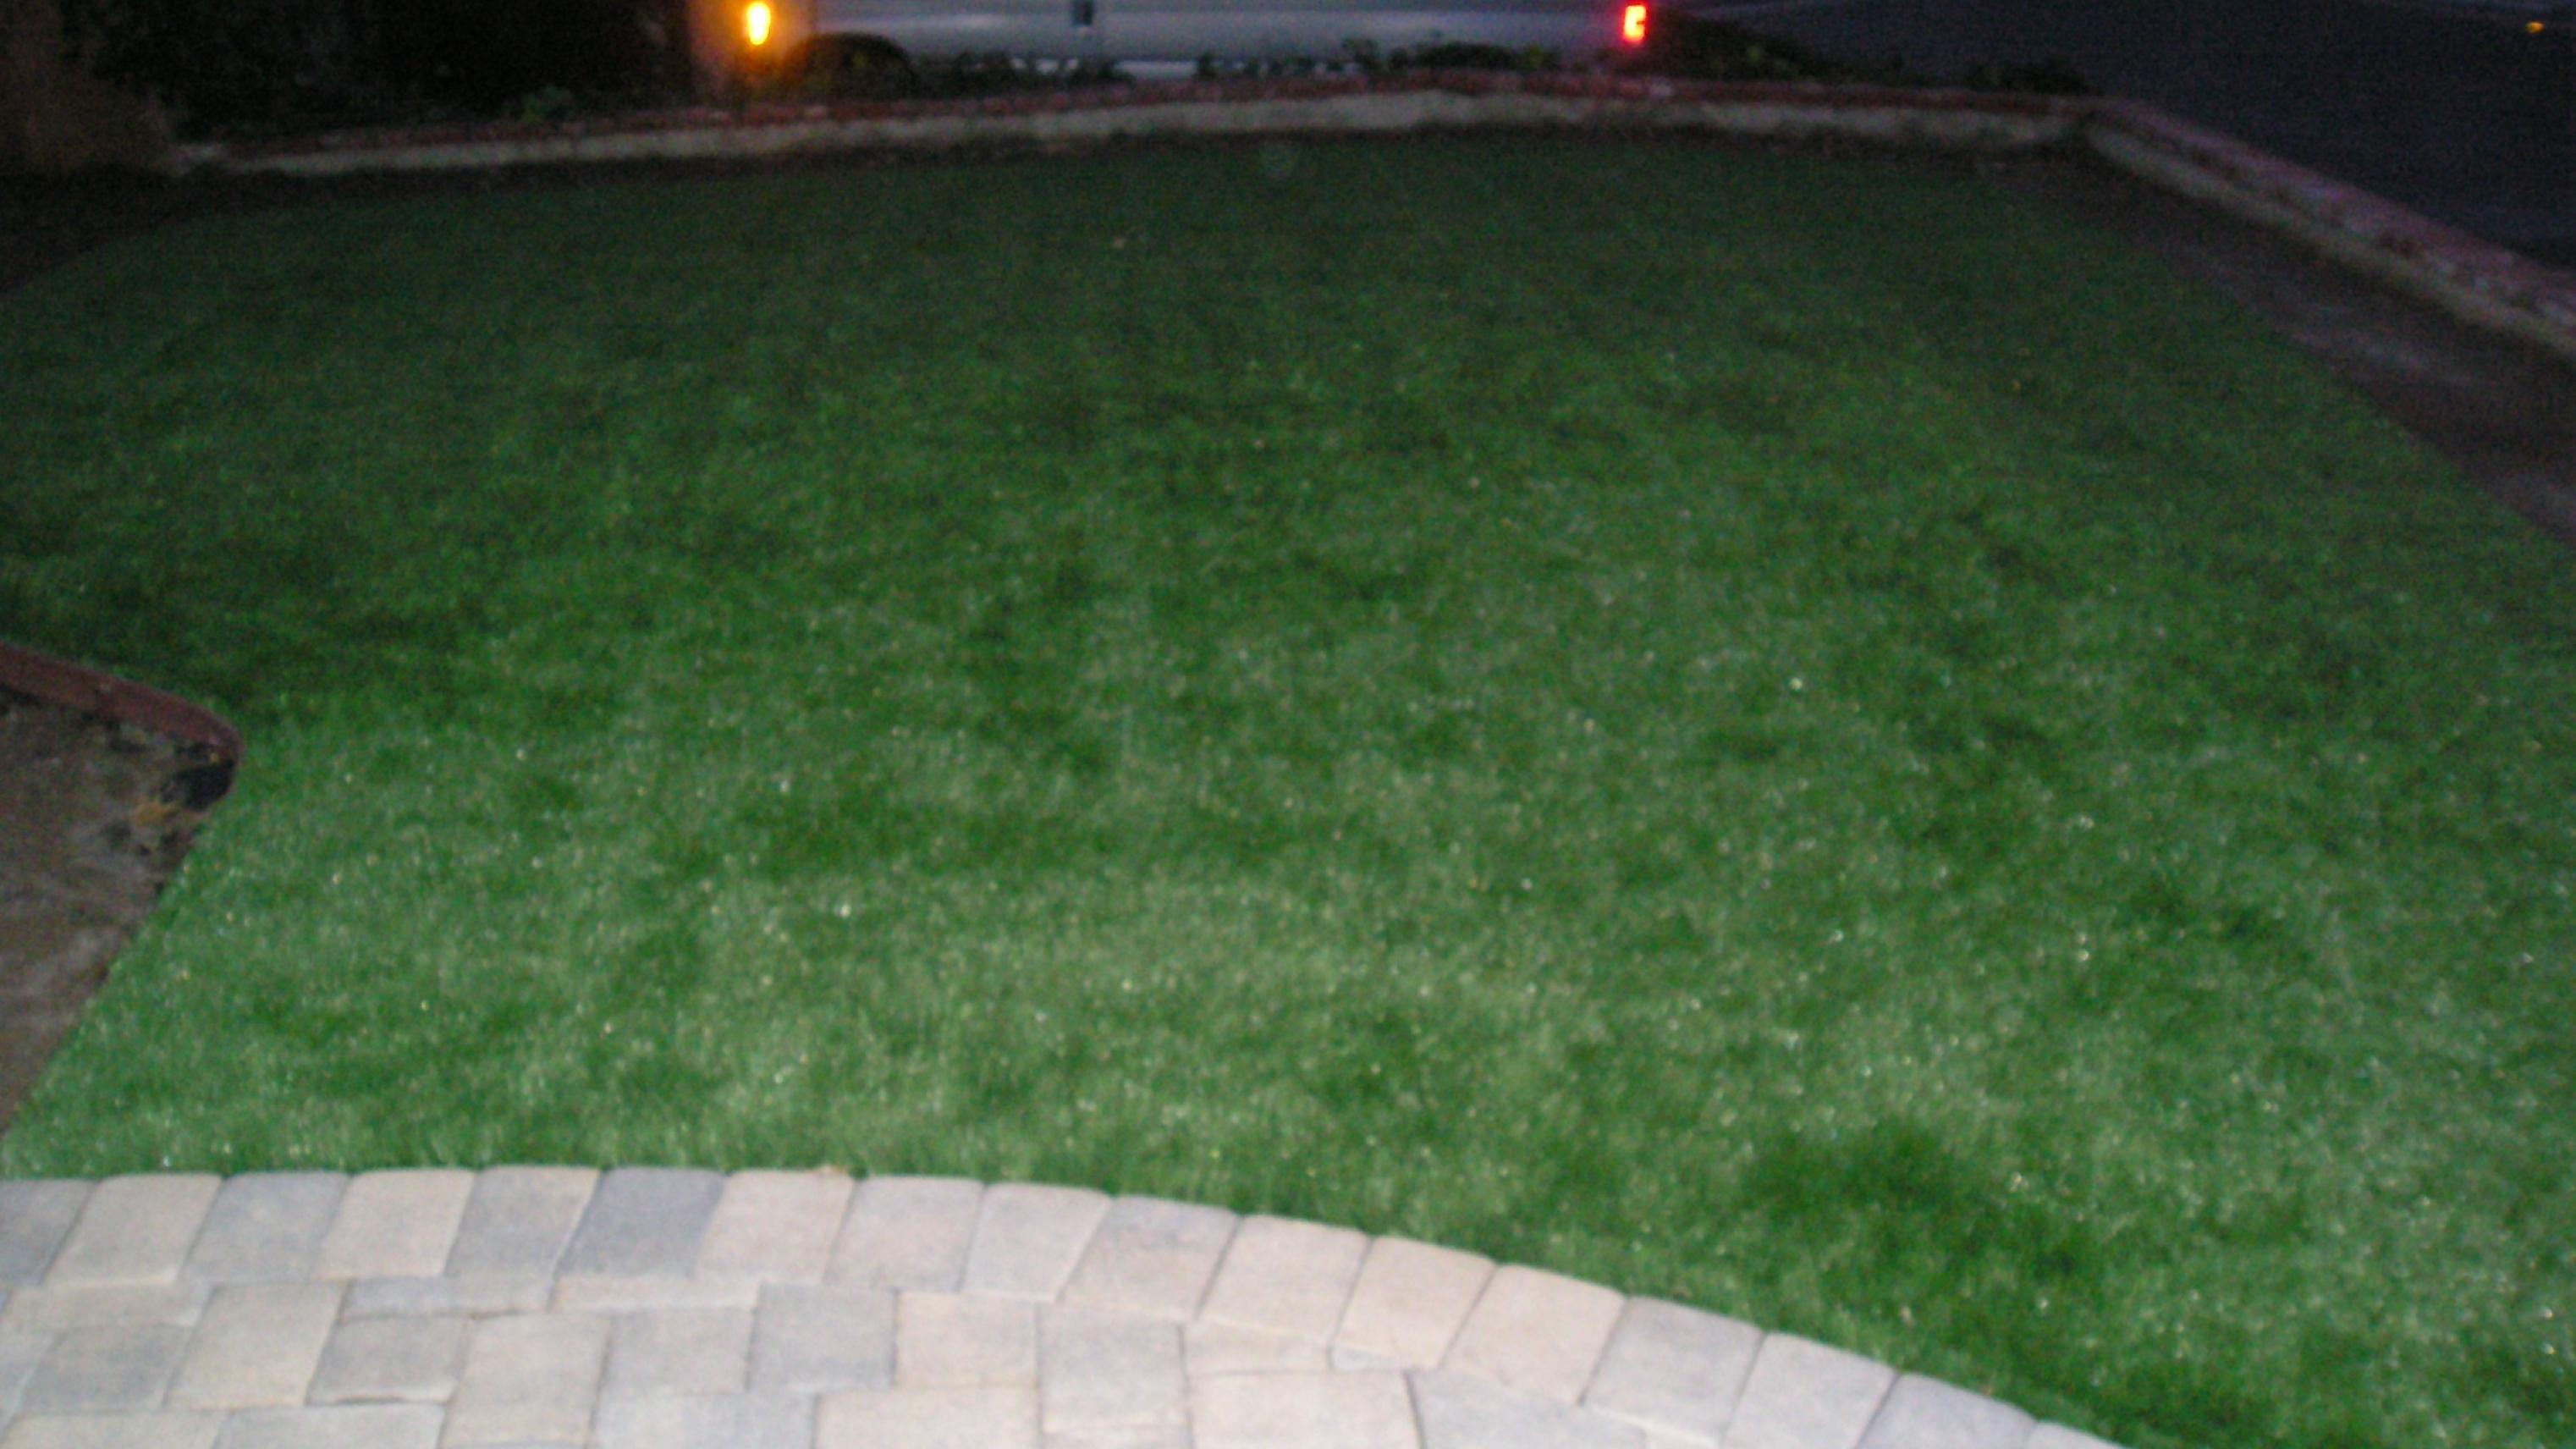 S Blade-90 best artificial grass,best fake grass,best synthetic grass,best turf,best artificial grass for home,artificial turf,synthetic turf,artificial turf installation,how to install artificial turf,used artificial turf